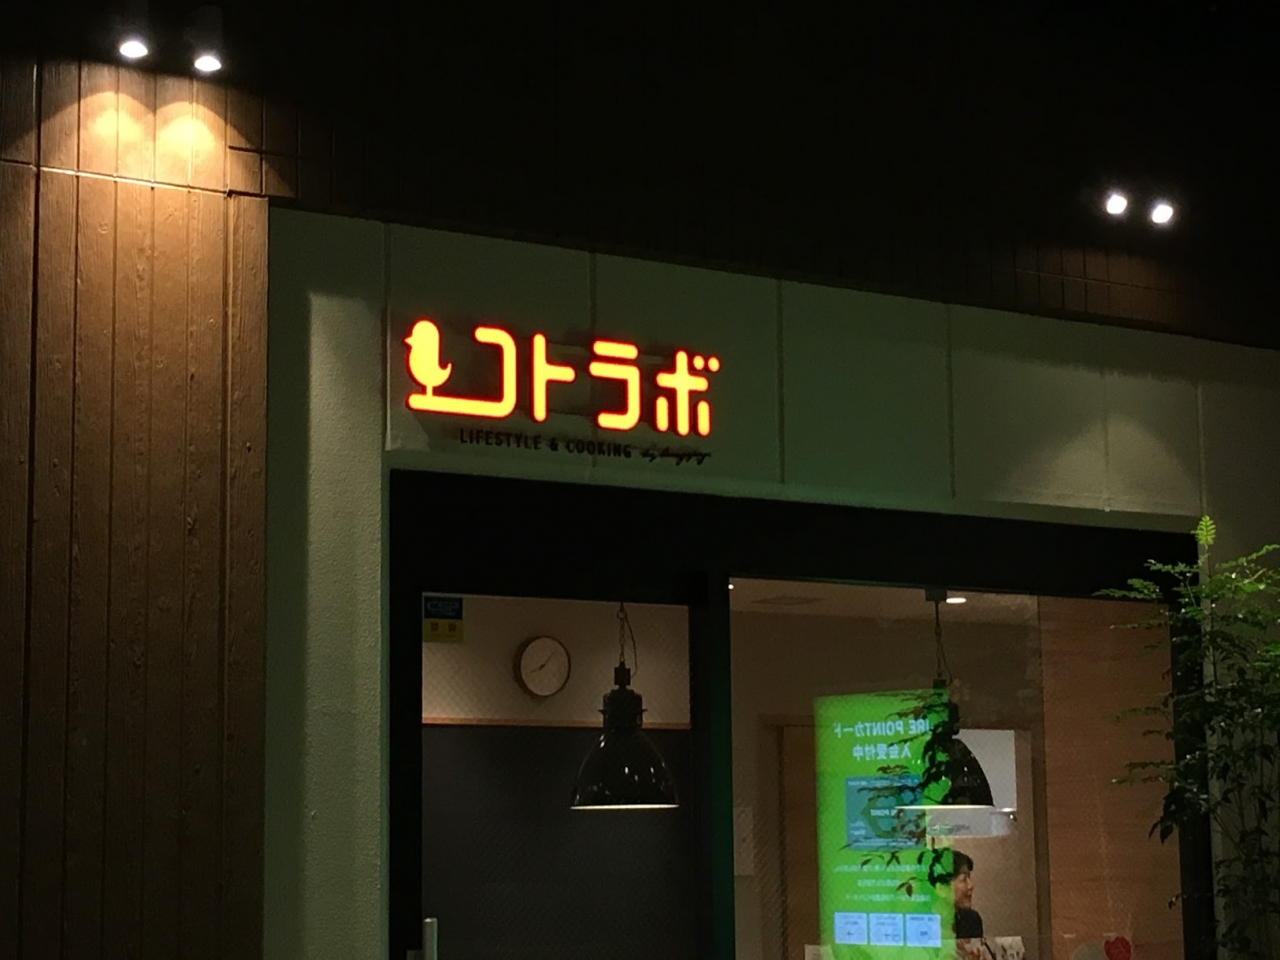 コトラボさんはJR阿佐ヶ谷駅から徒歩1分!